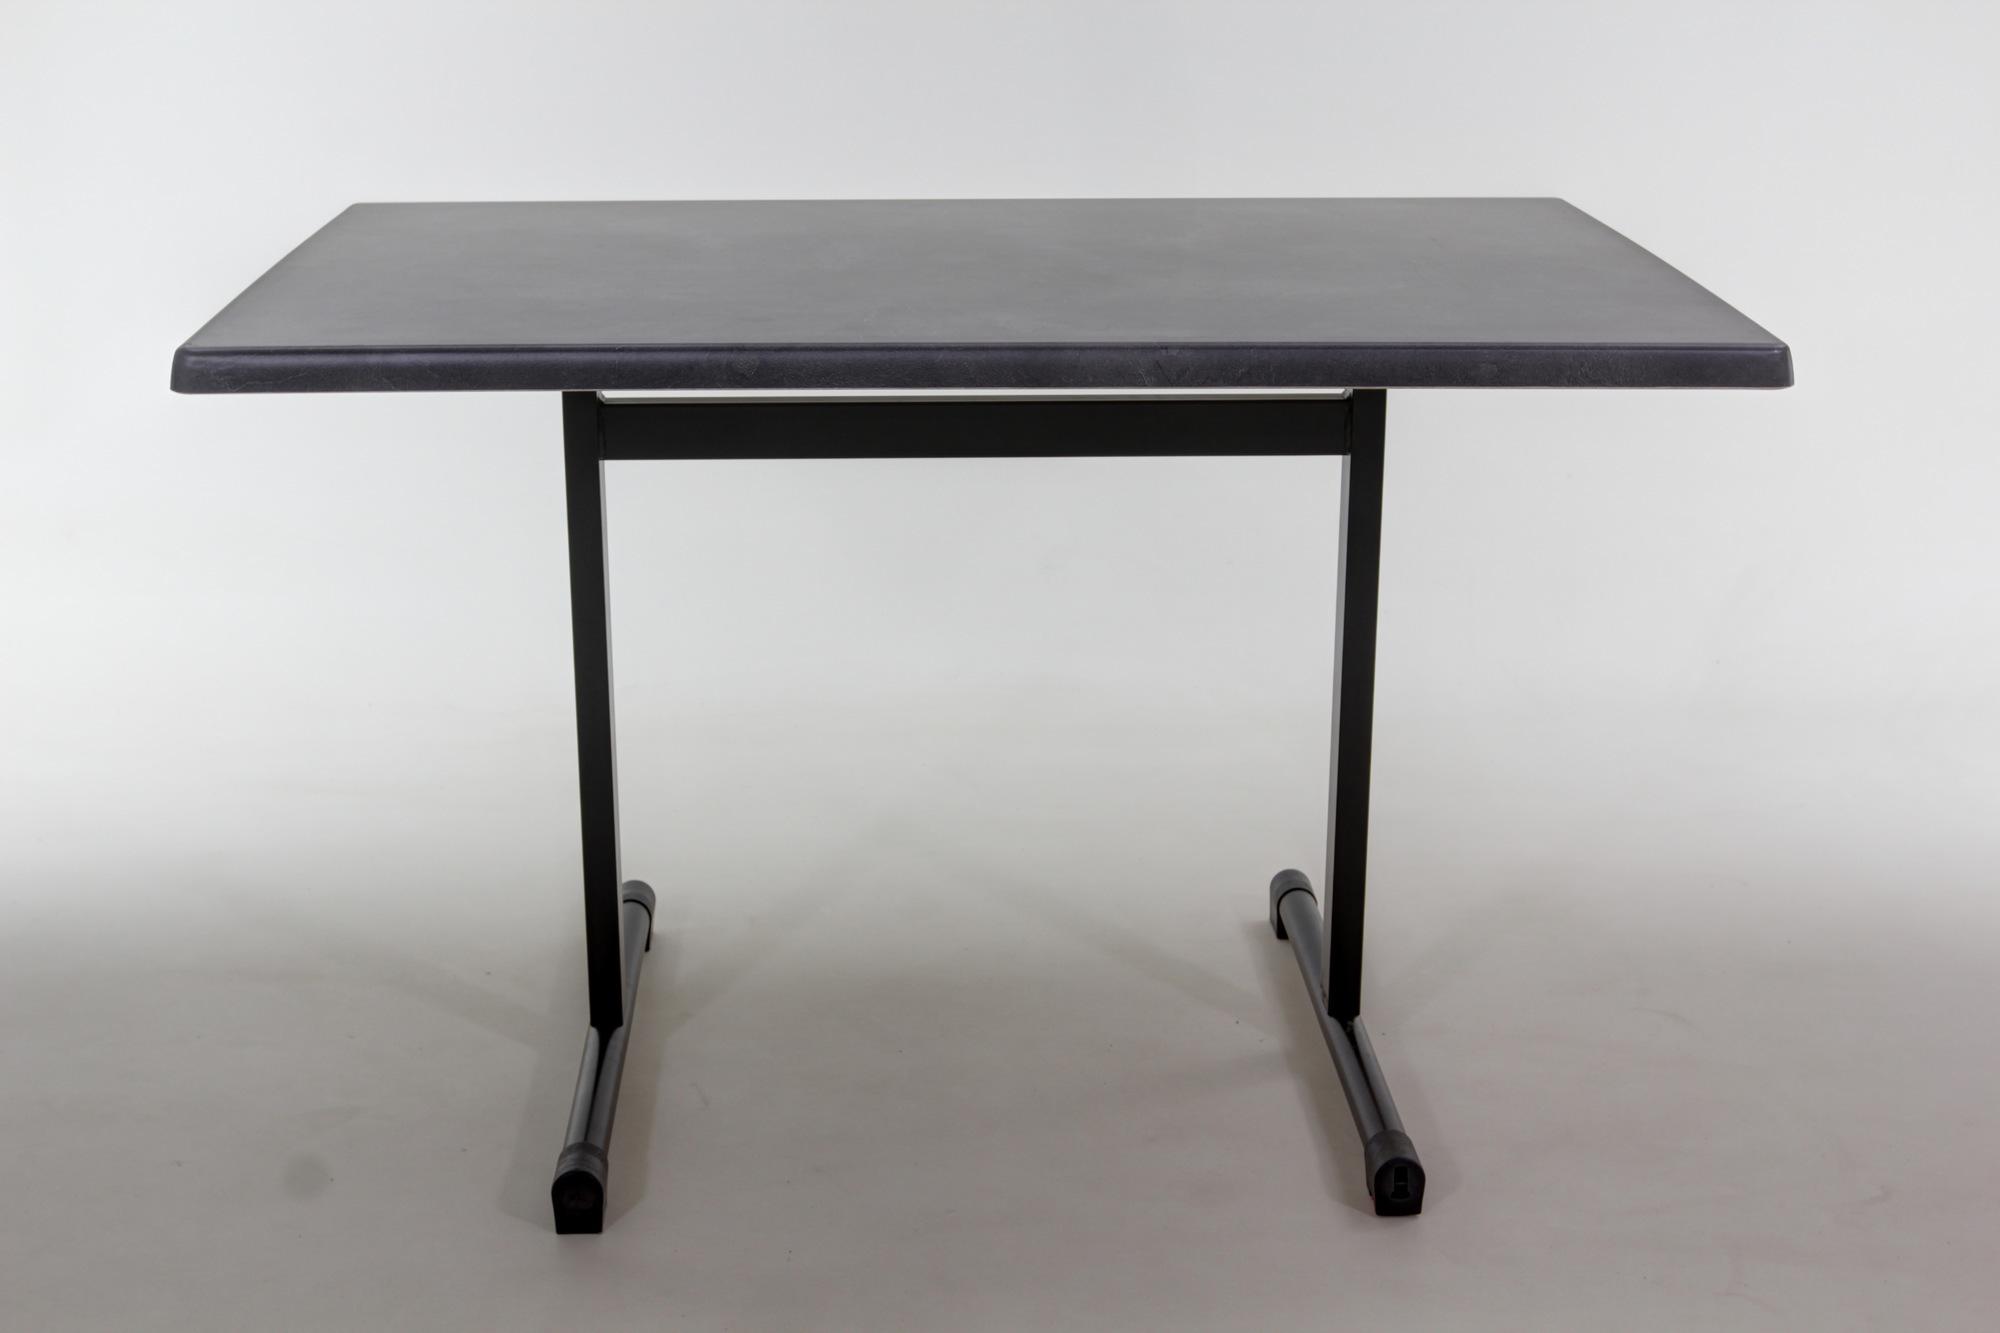 1547121436-gartenmoebel-120x80cm-gastrotisch-sylt_0.jpg